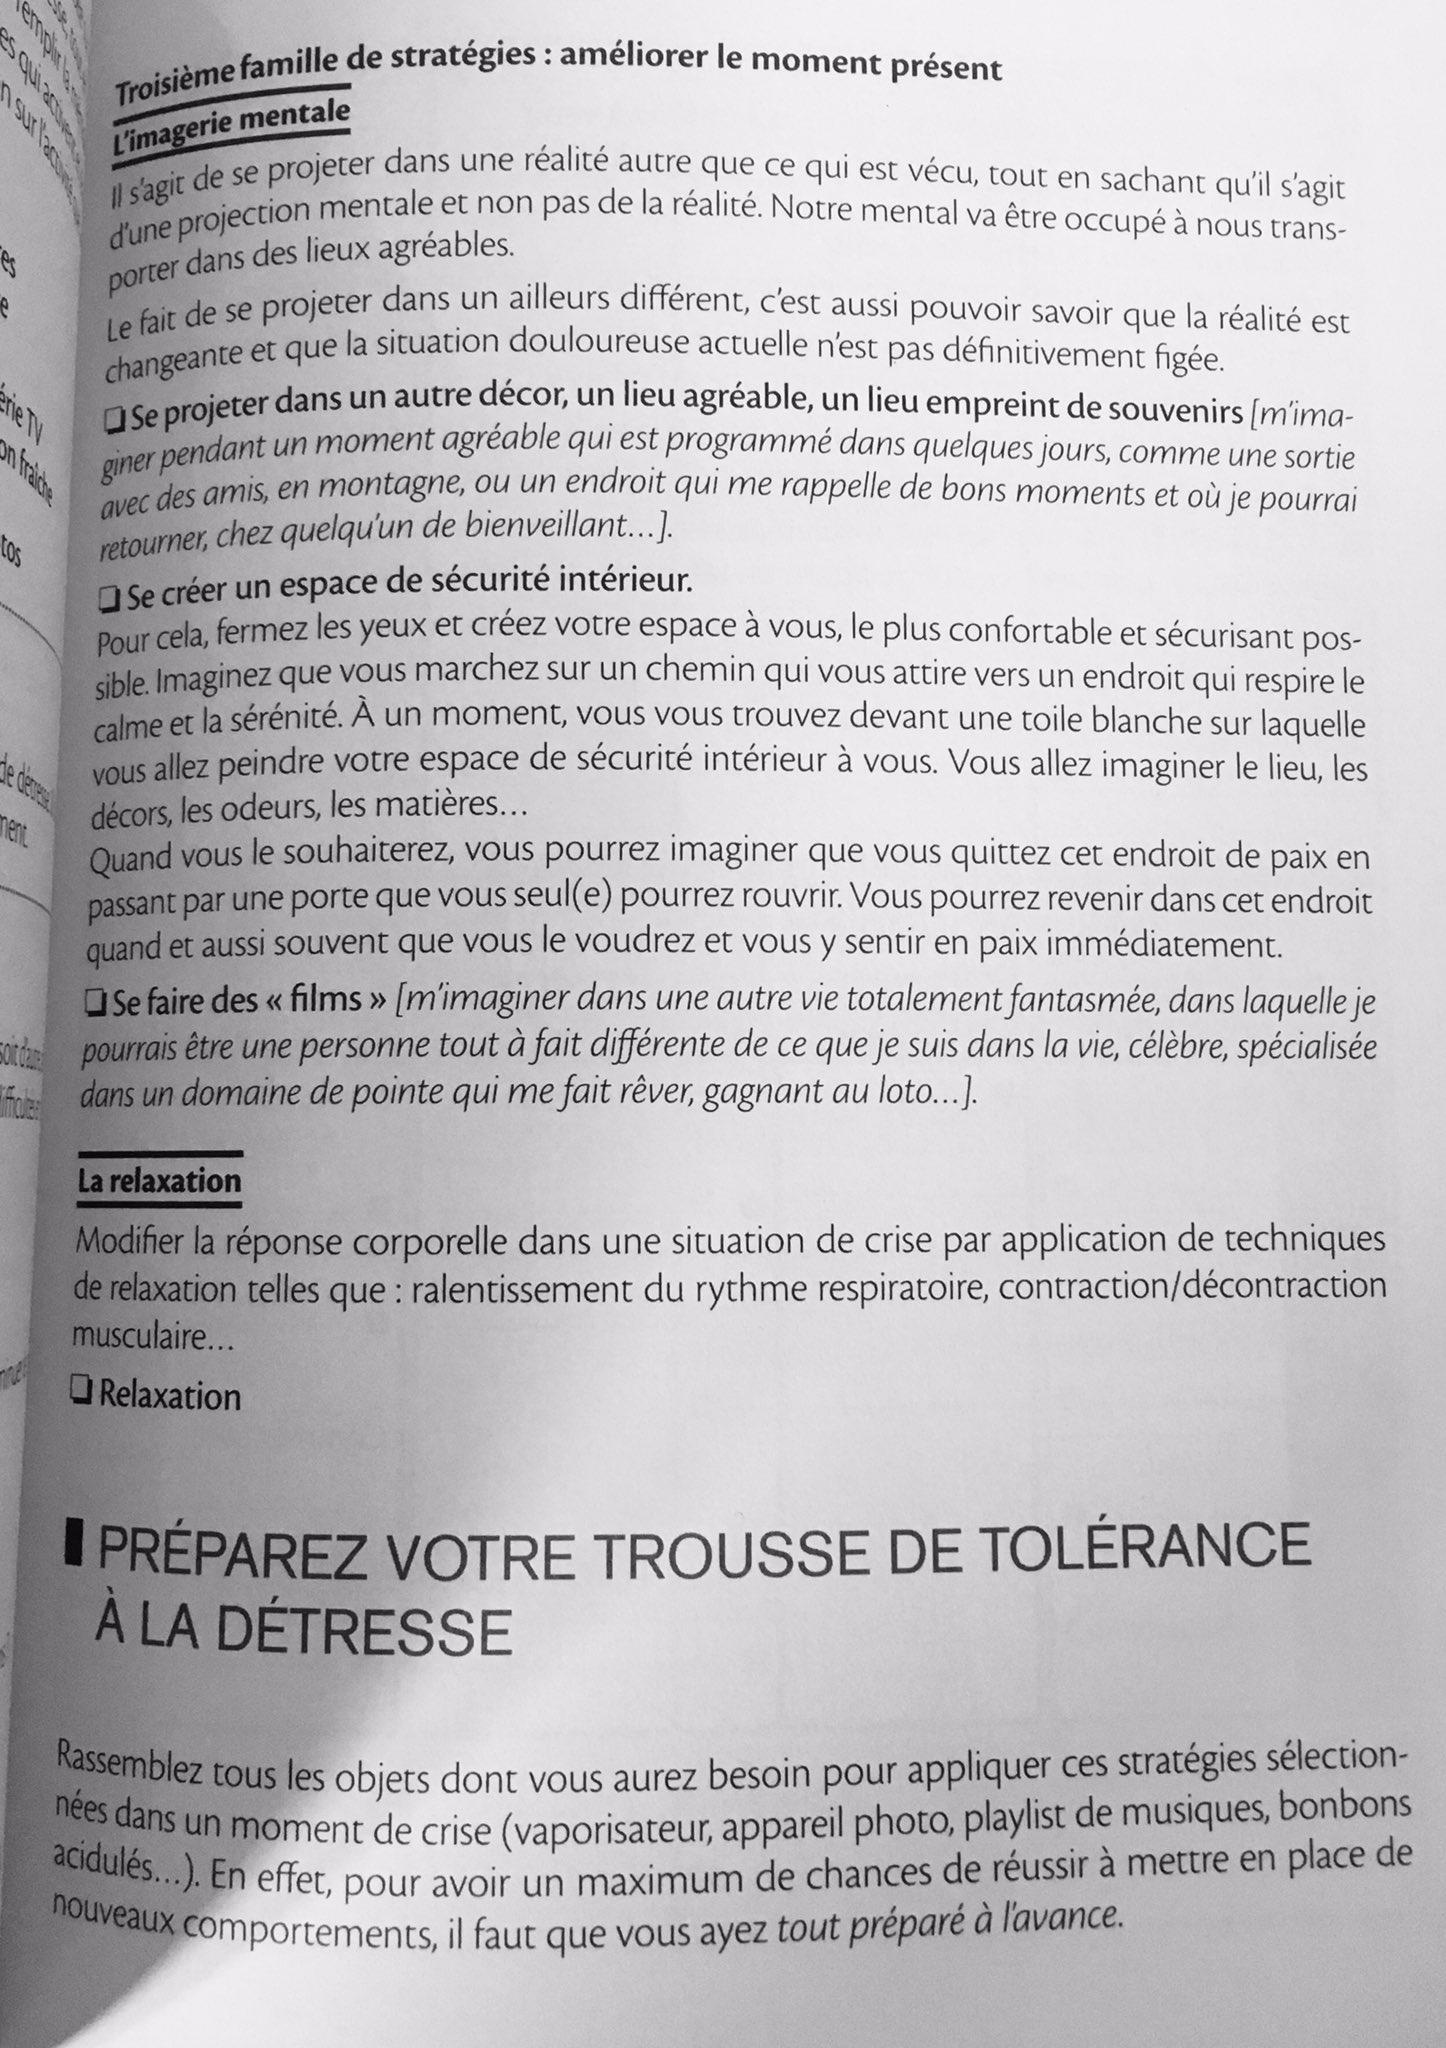 Borderline Cahier Pratique De Thérapie à Domicile : borderline, cahier, pratique, thérapie, domicile, DrPairinPsychiatre, Twitter:,